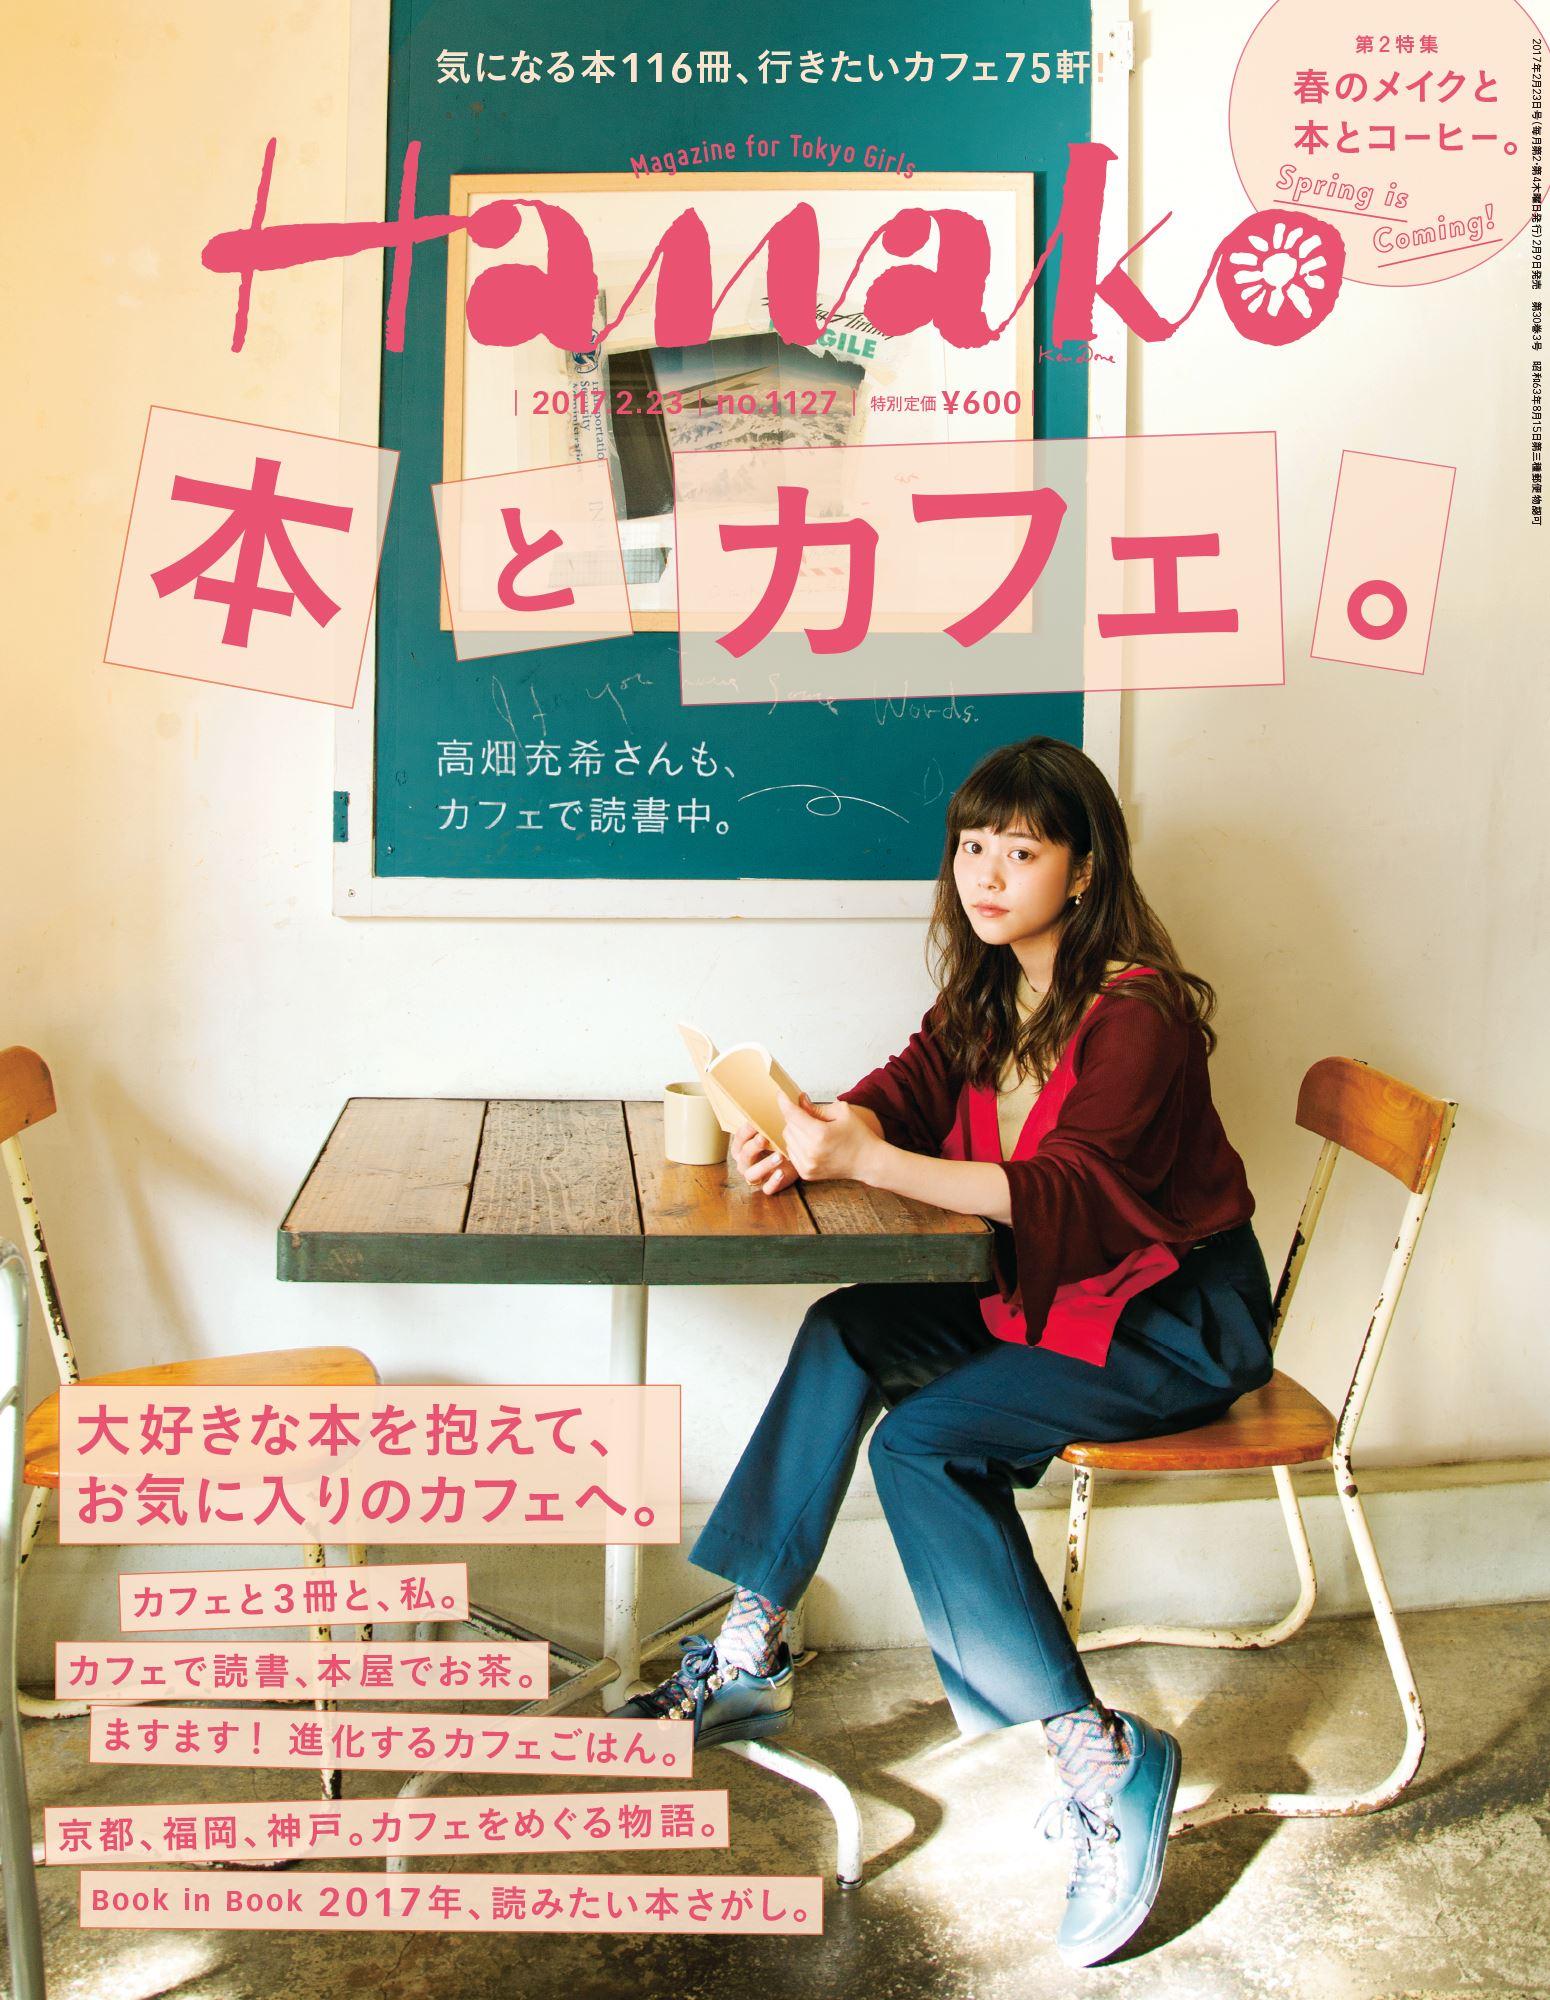 Hanako No.1127